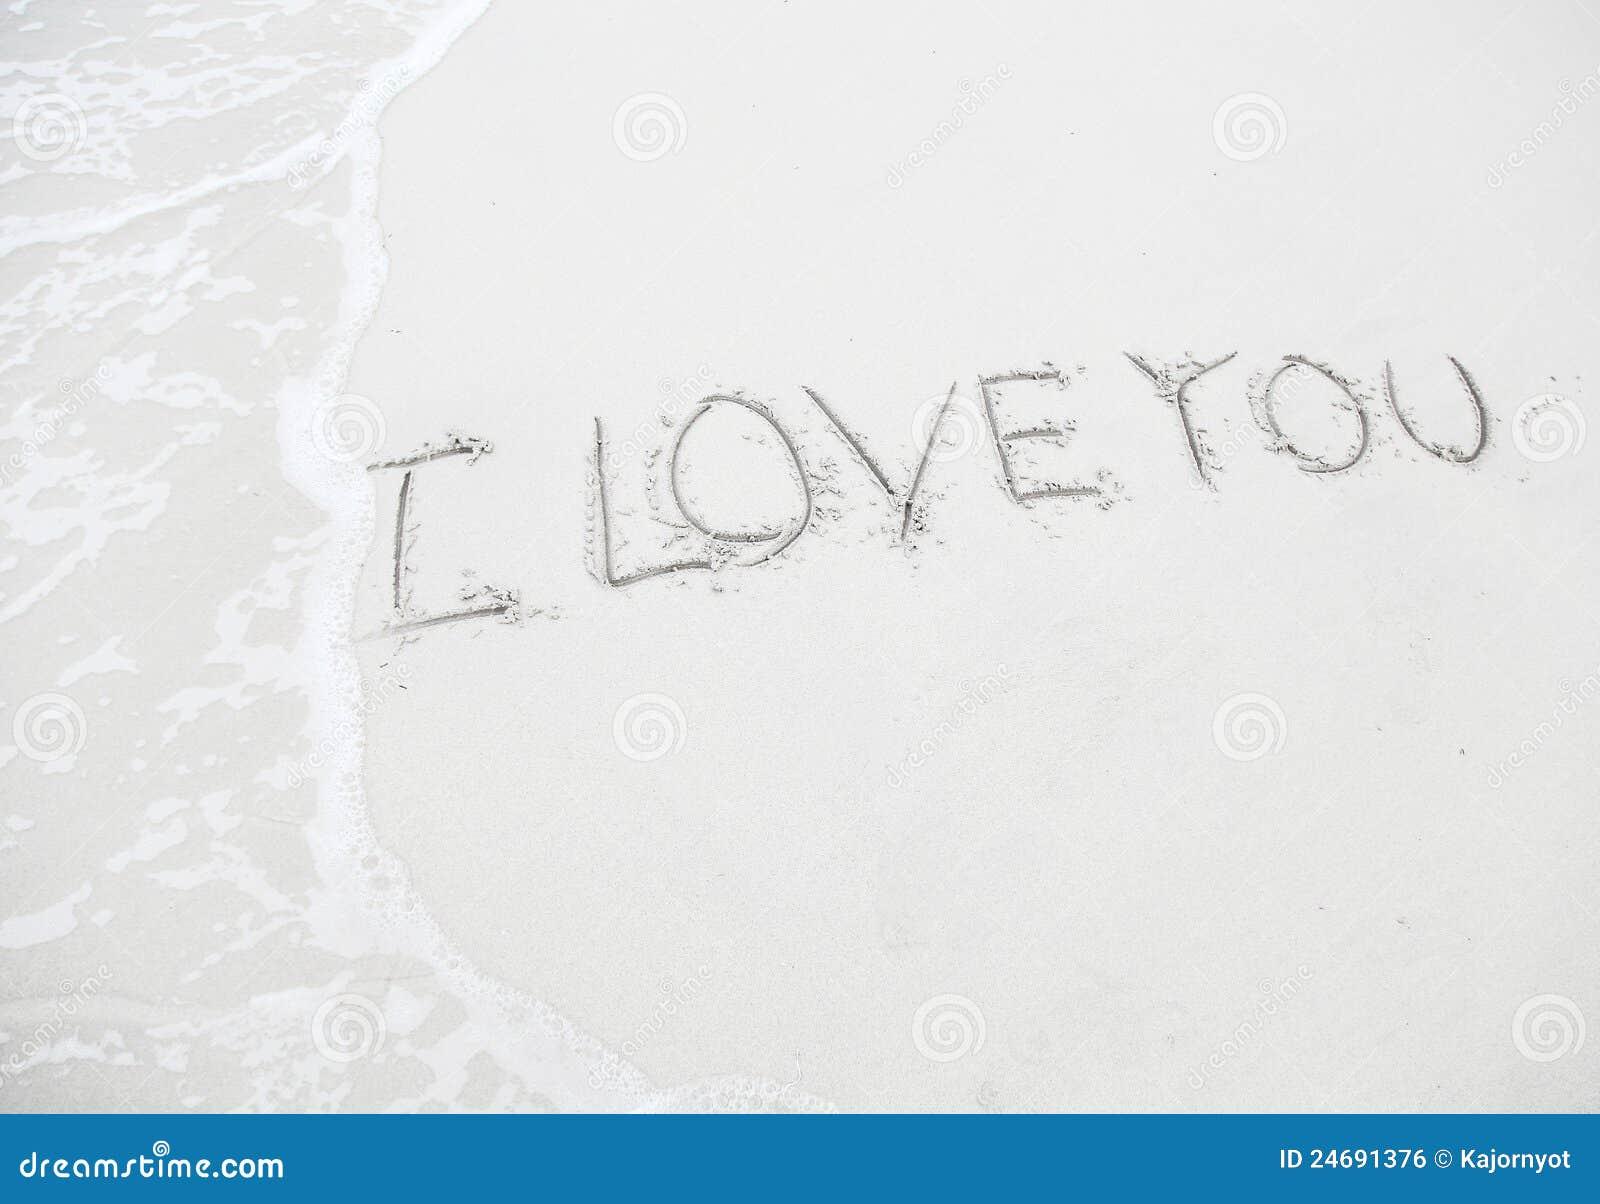 Dessin je t 39 aime sur la plage concept d 39 amour image - Dessin sur l amour ...